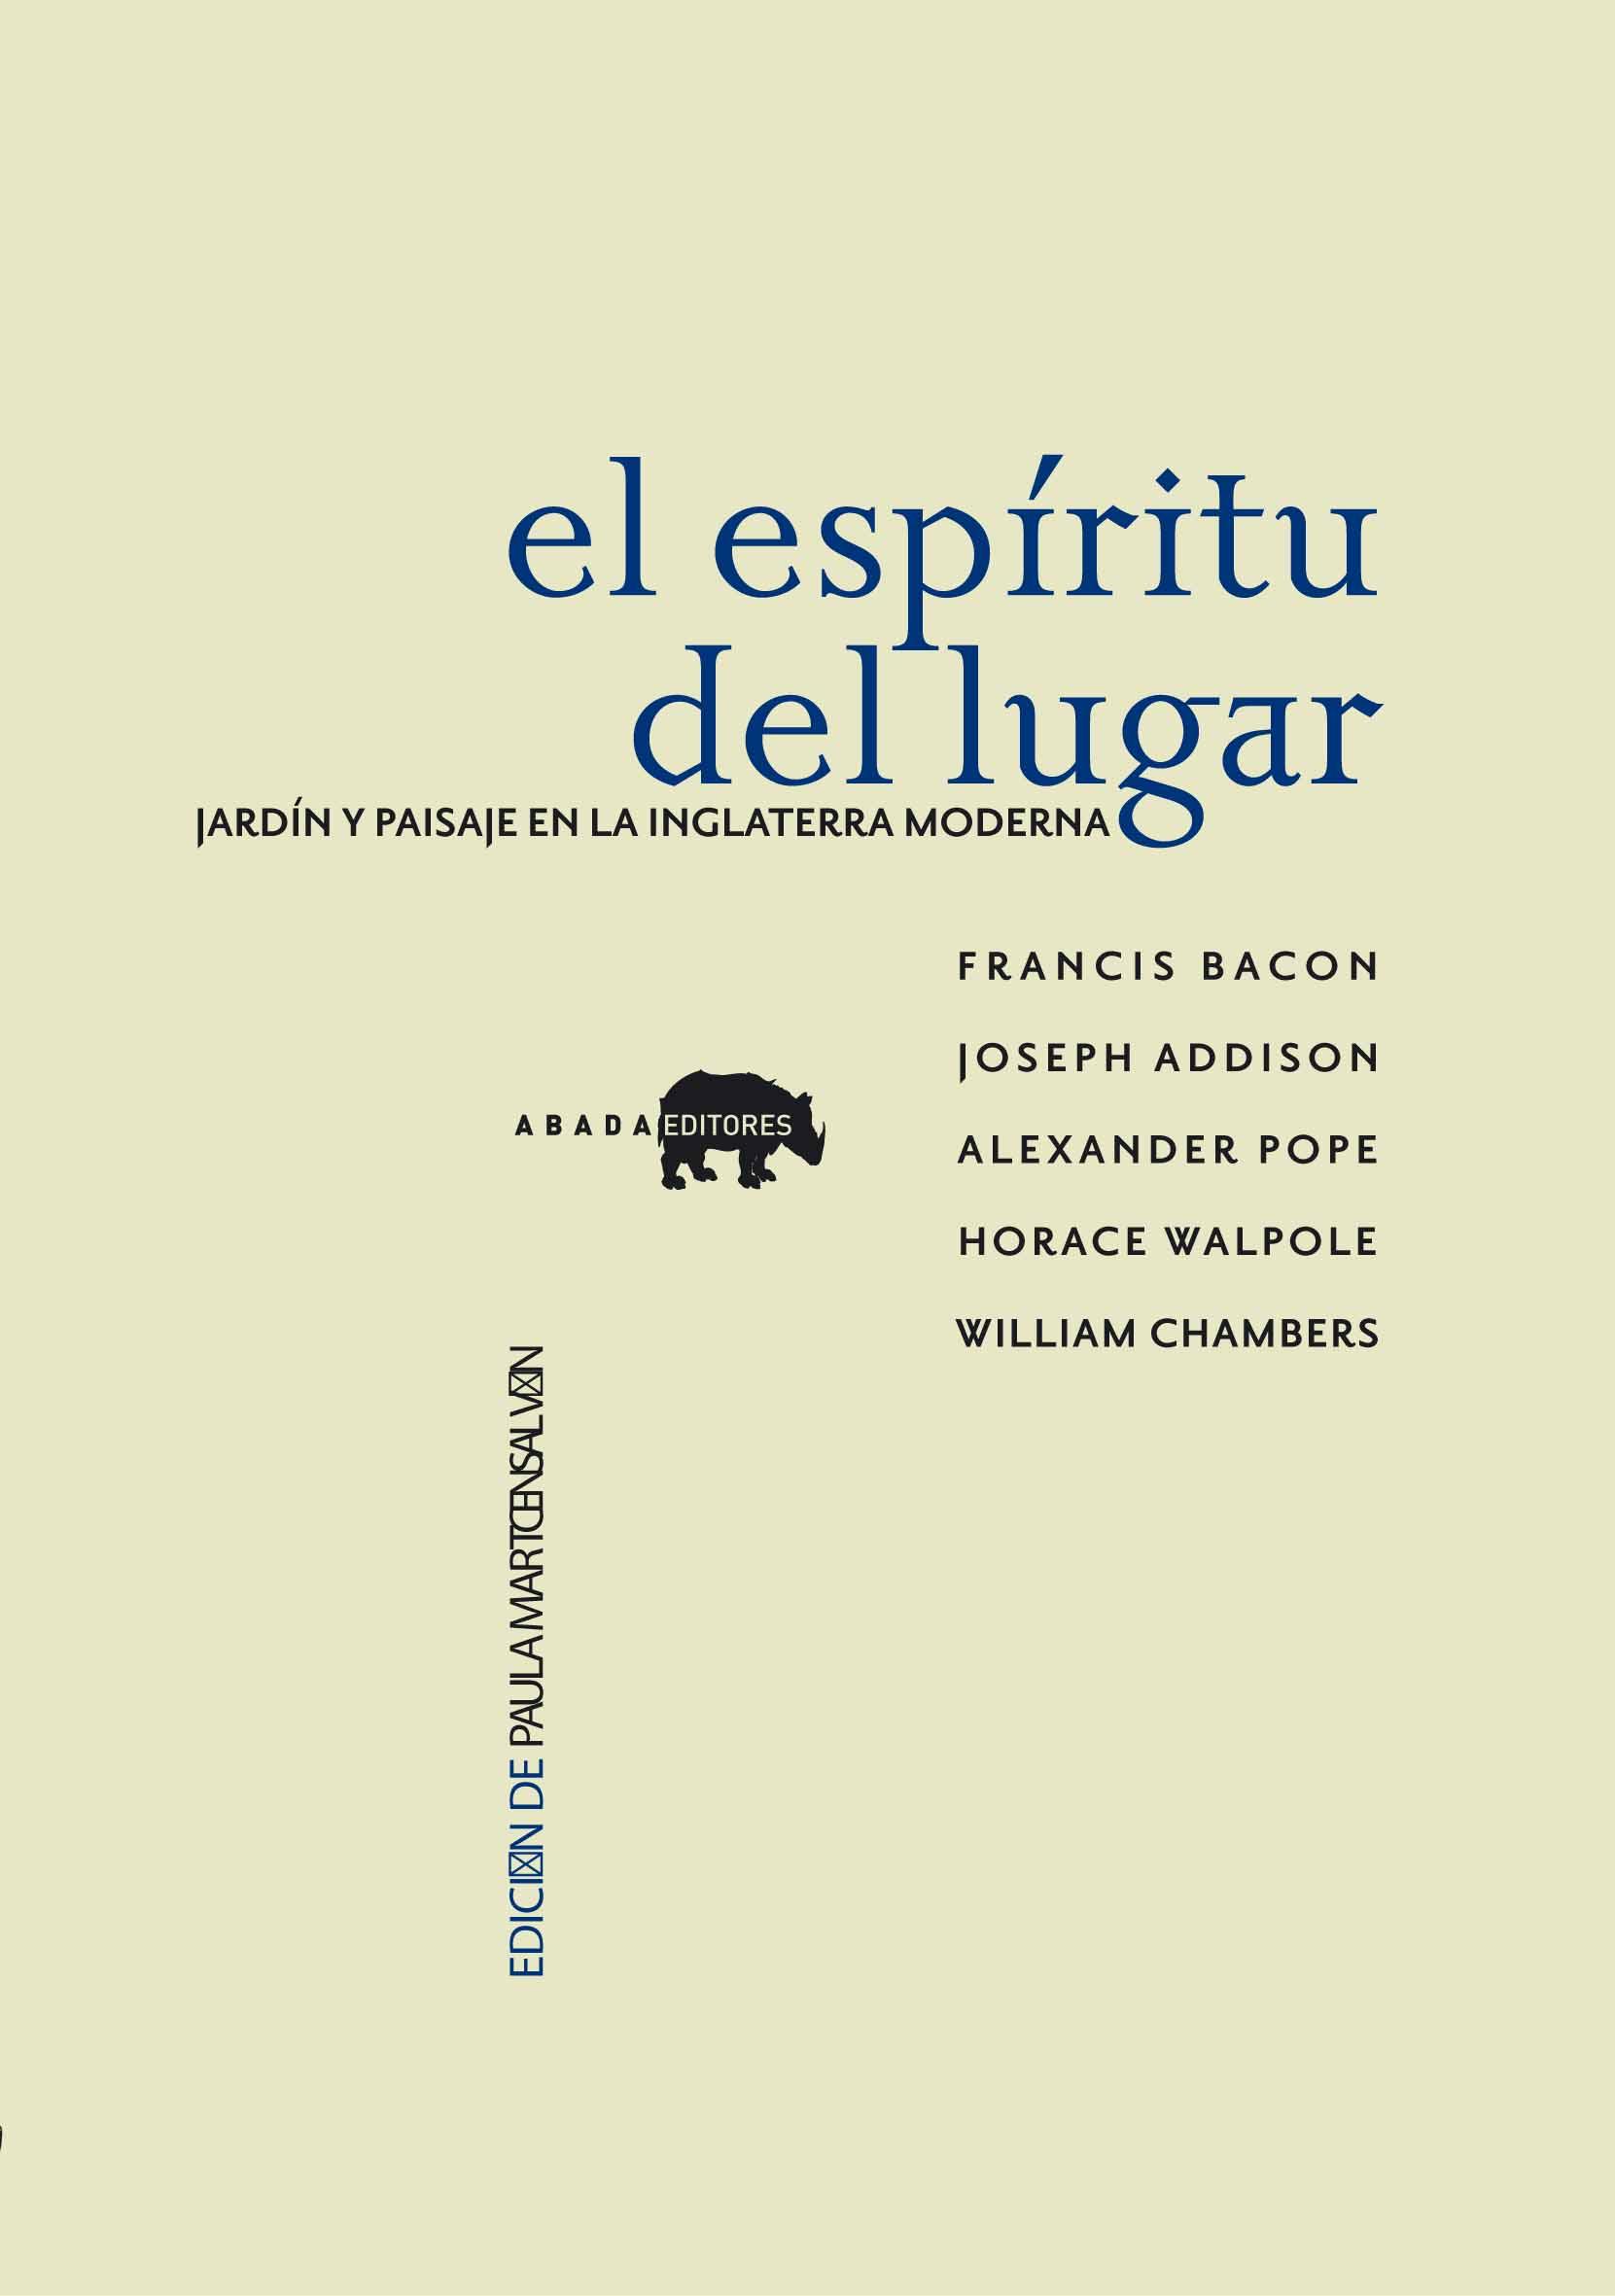 ESPIRITU DEL LUGAR,EL: portada